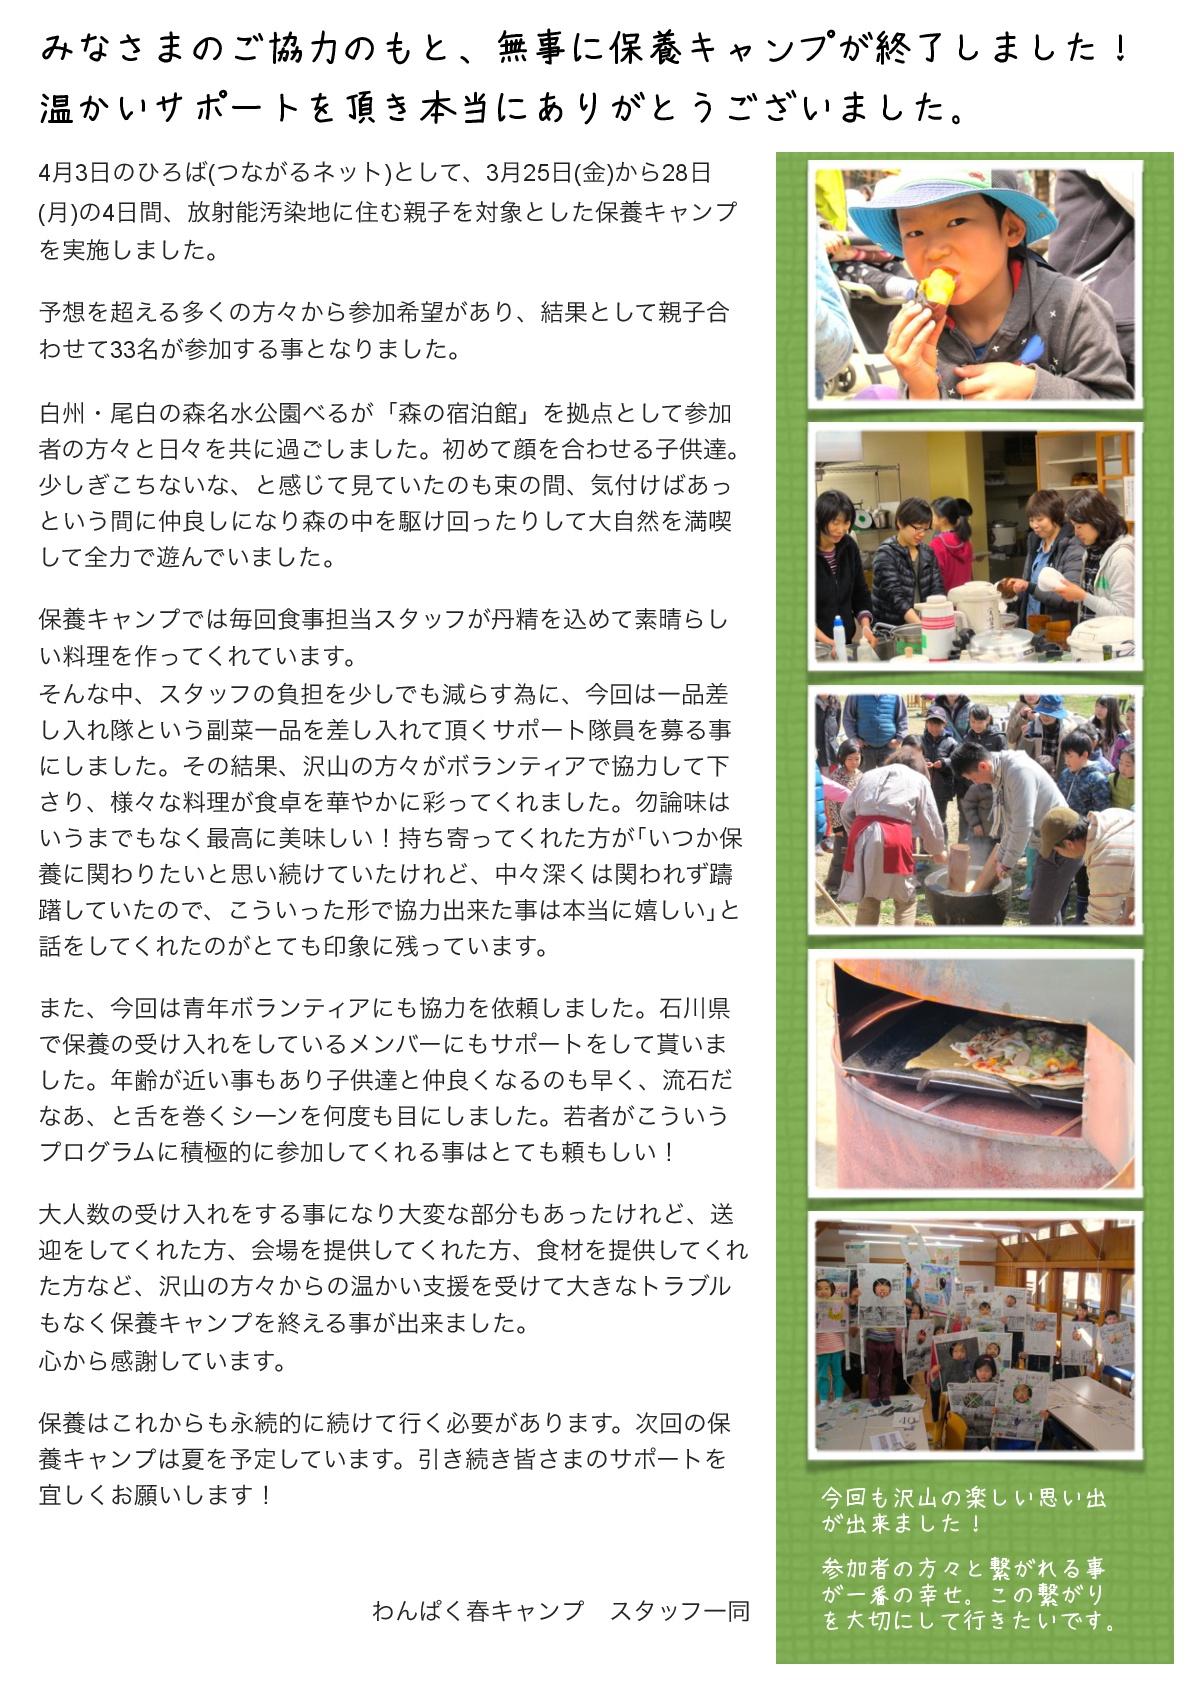 HakushuCamp2016spring_Report02.jpg